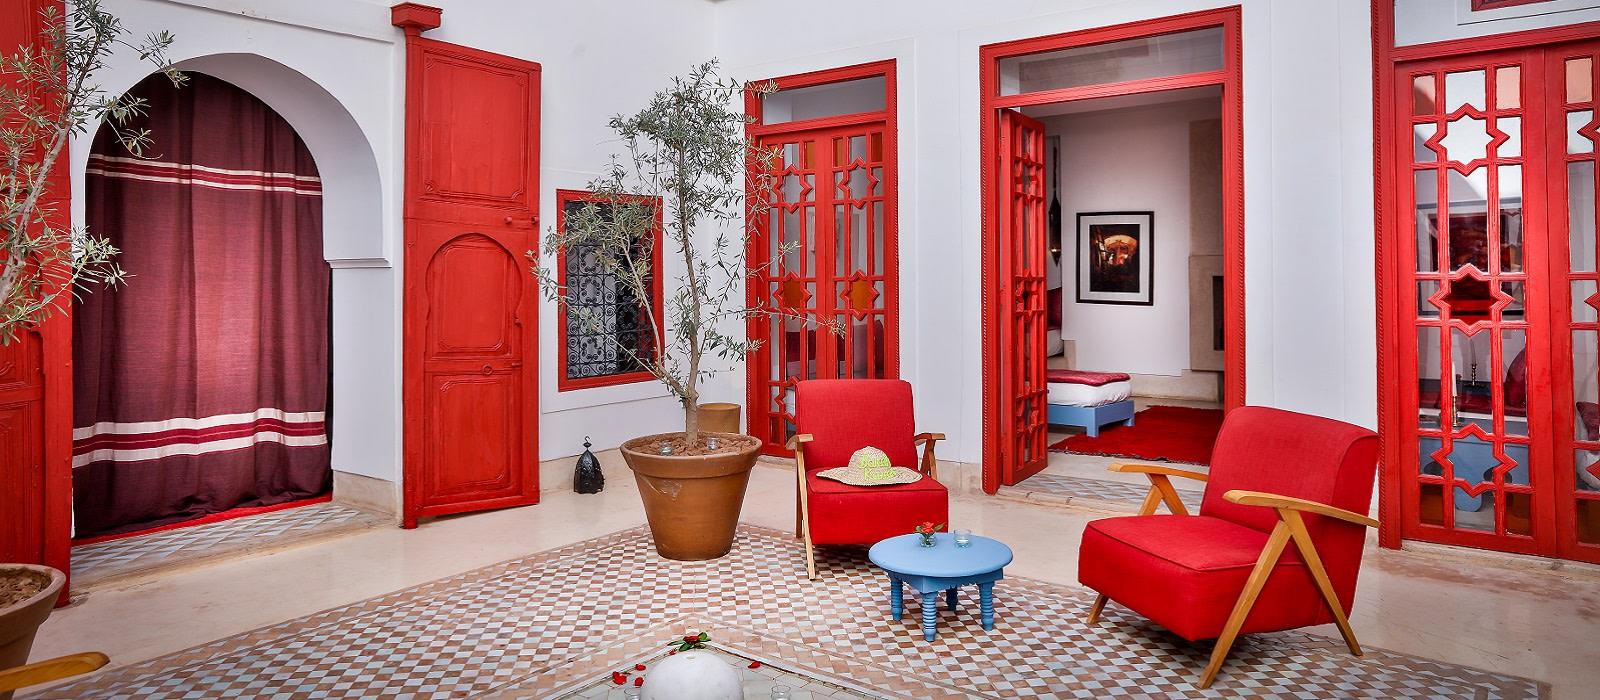 Hotel Dar Baraka & Karam Marokko